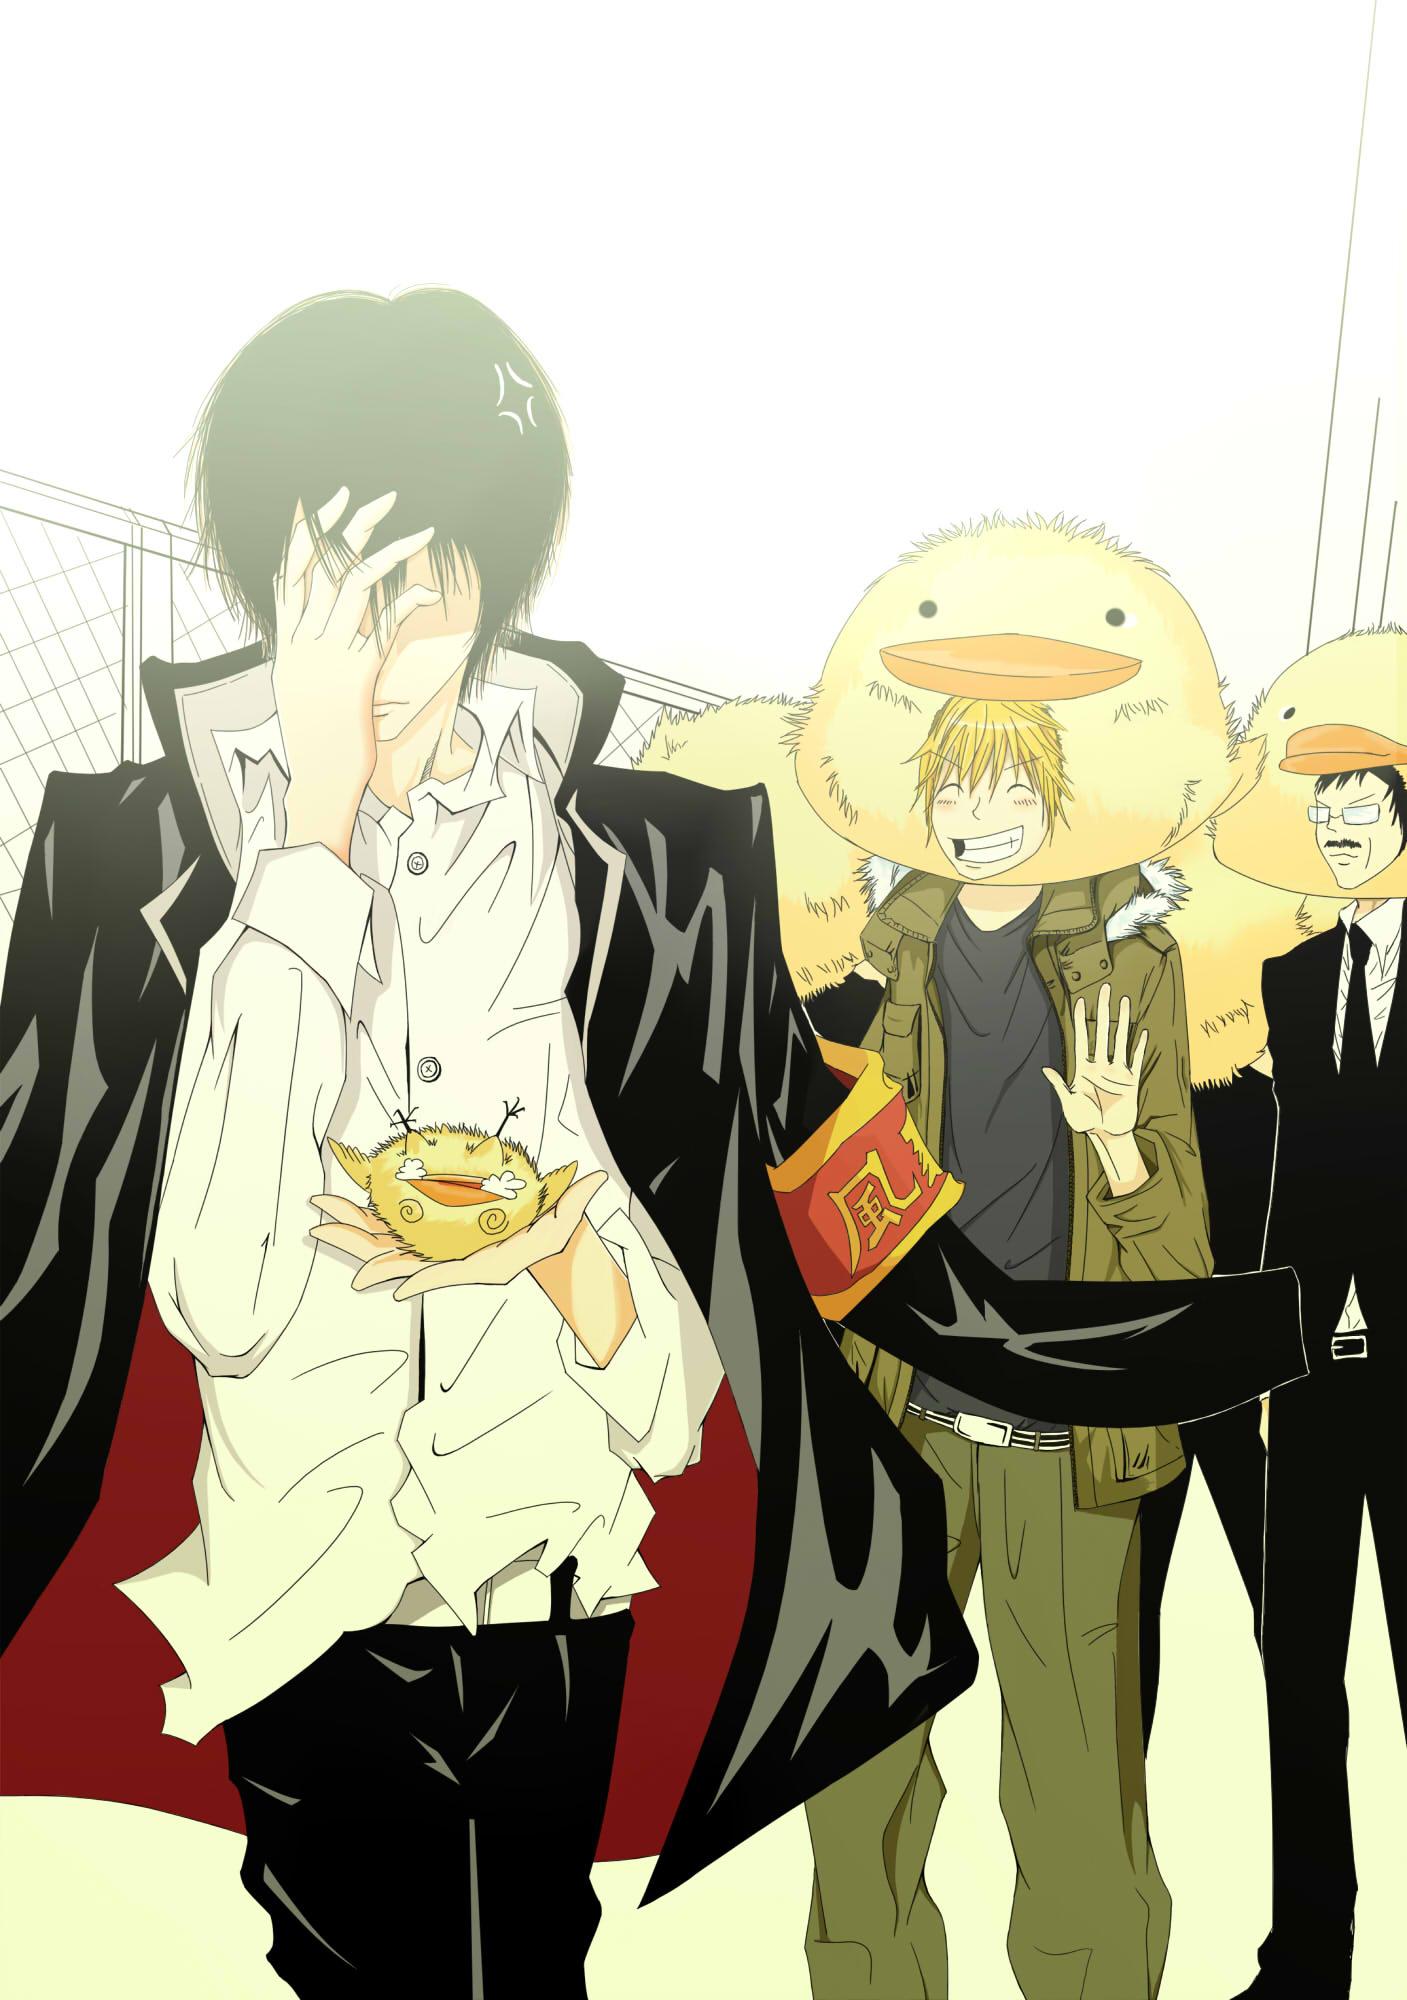 Katekyo Hitman Reborn Mobile Wallpaper 326793 Zerochan Anime Image Board